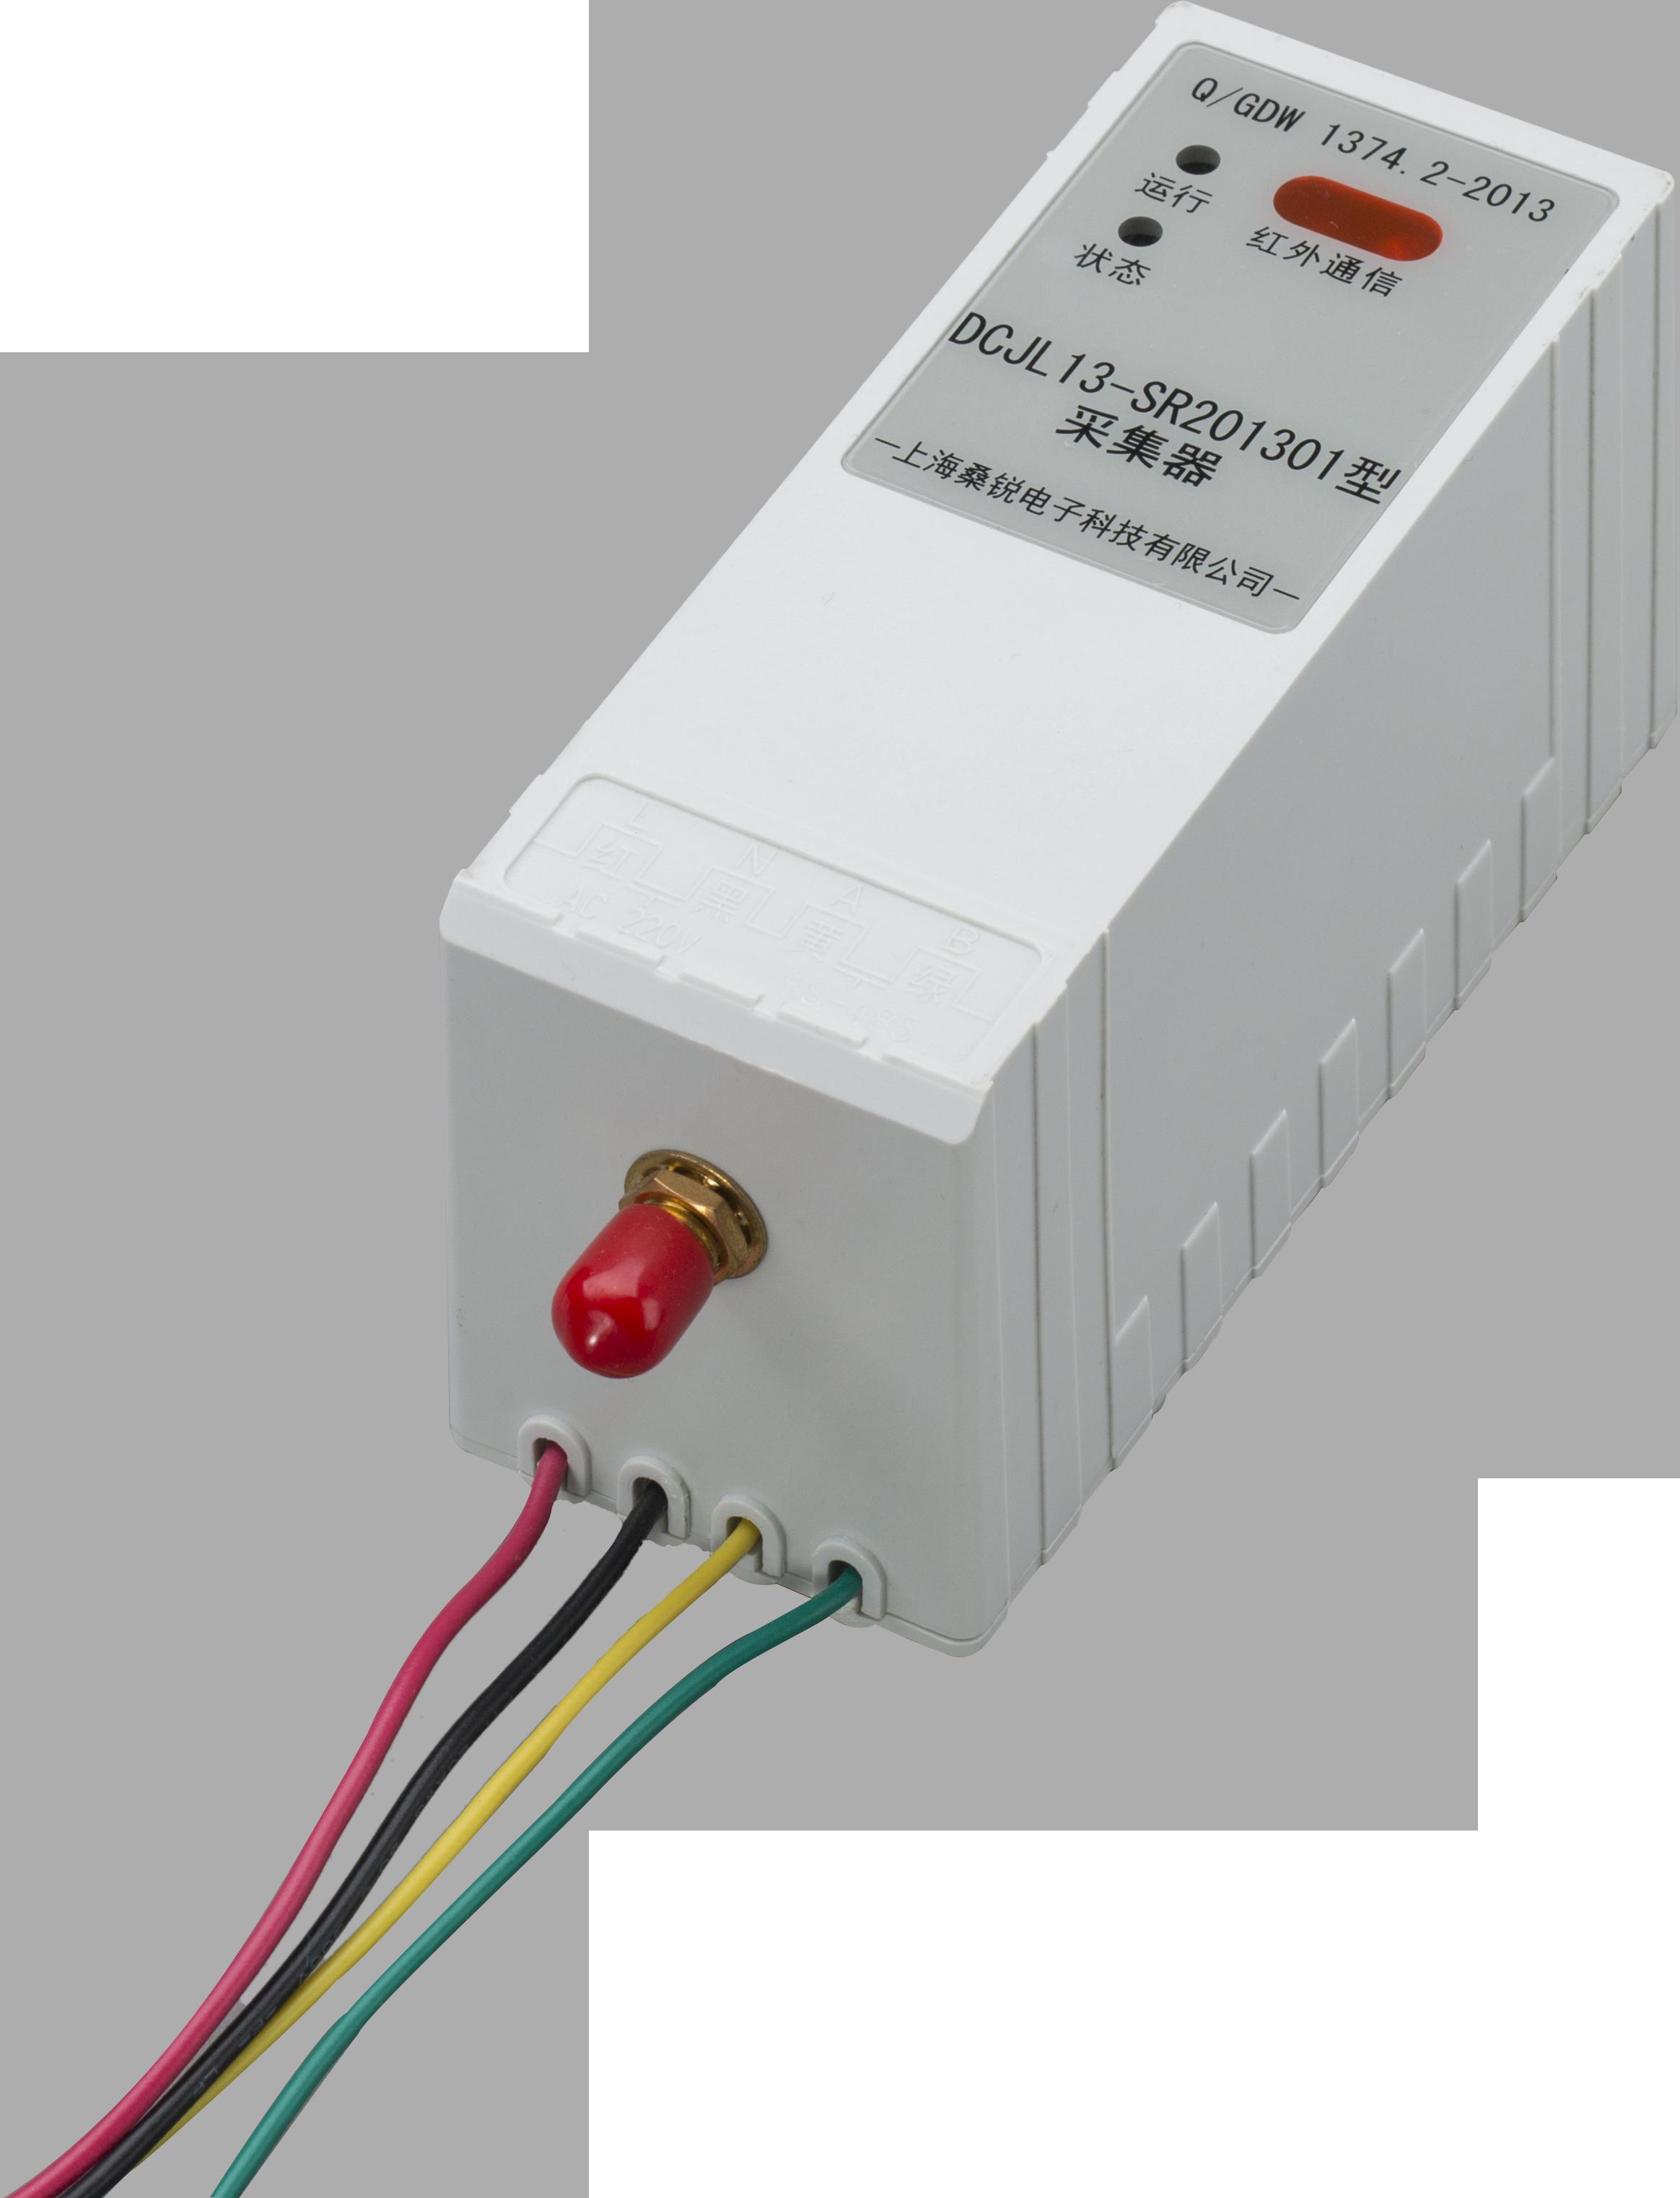 產品摳圖-6智能電力-DCJL13-SR201301型采集器-定